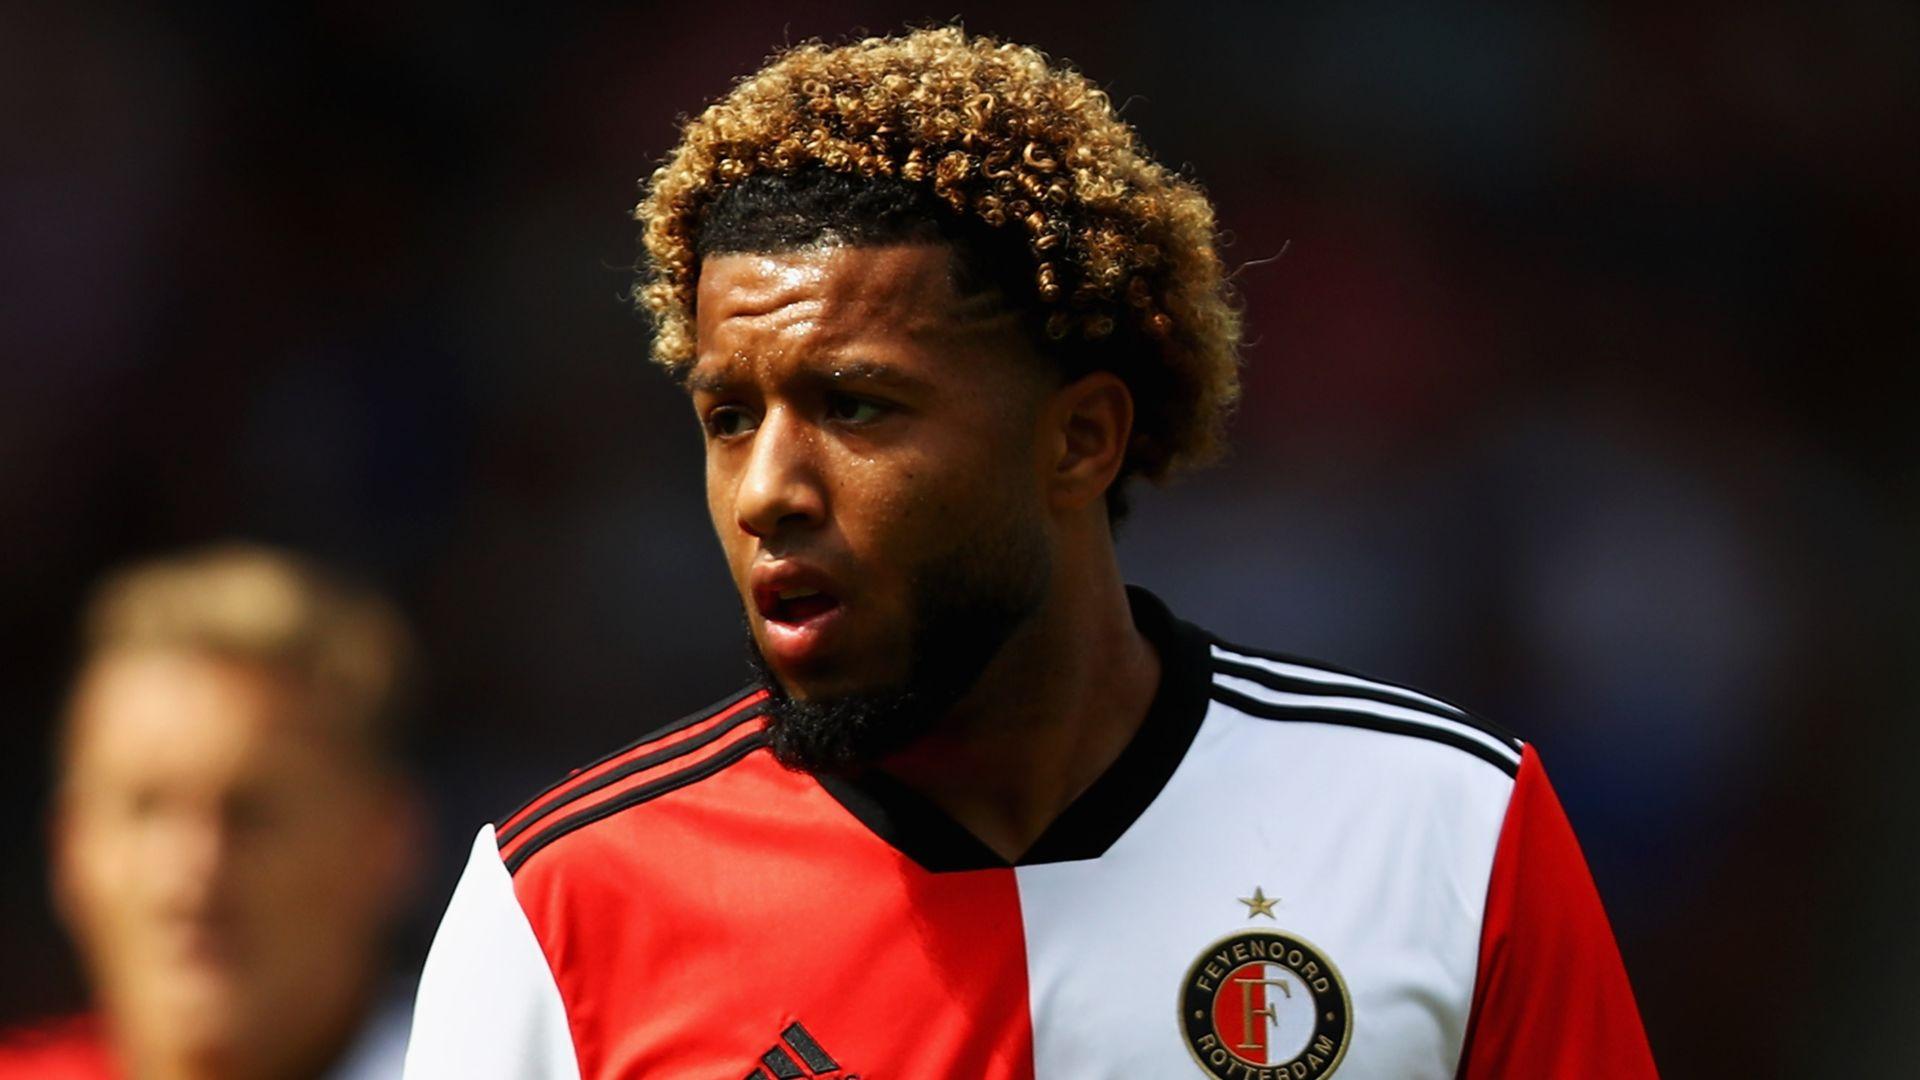 Tonny Vilhena - Feyenoord